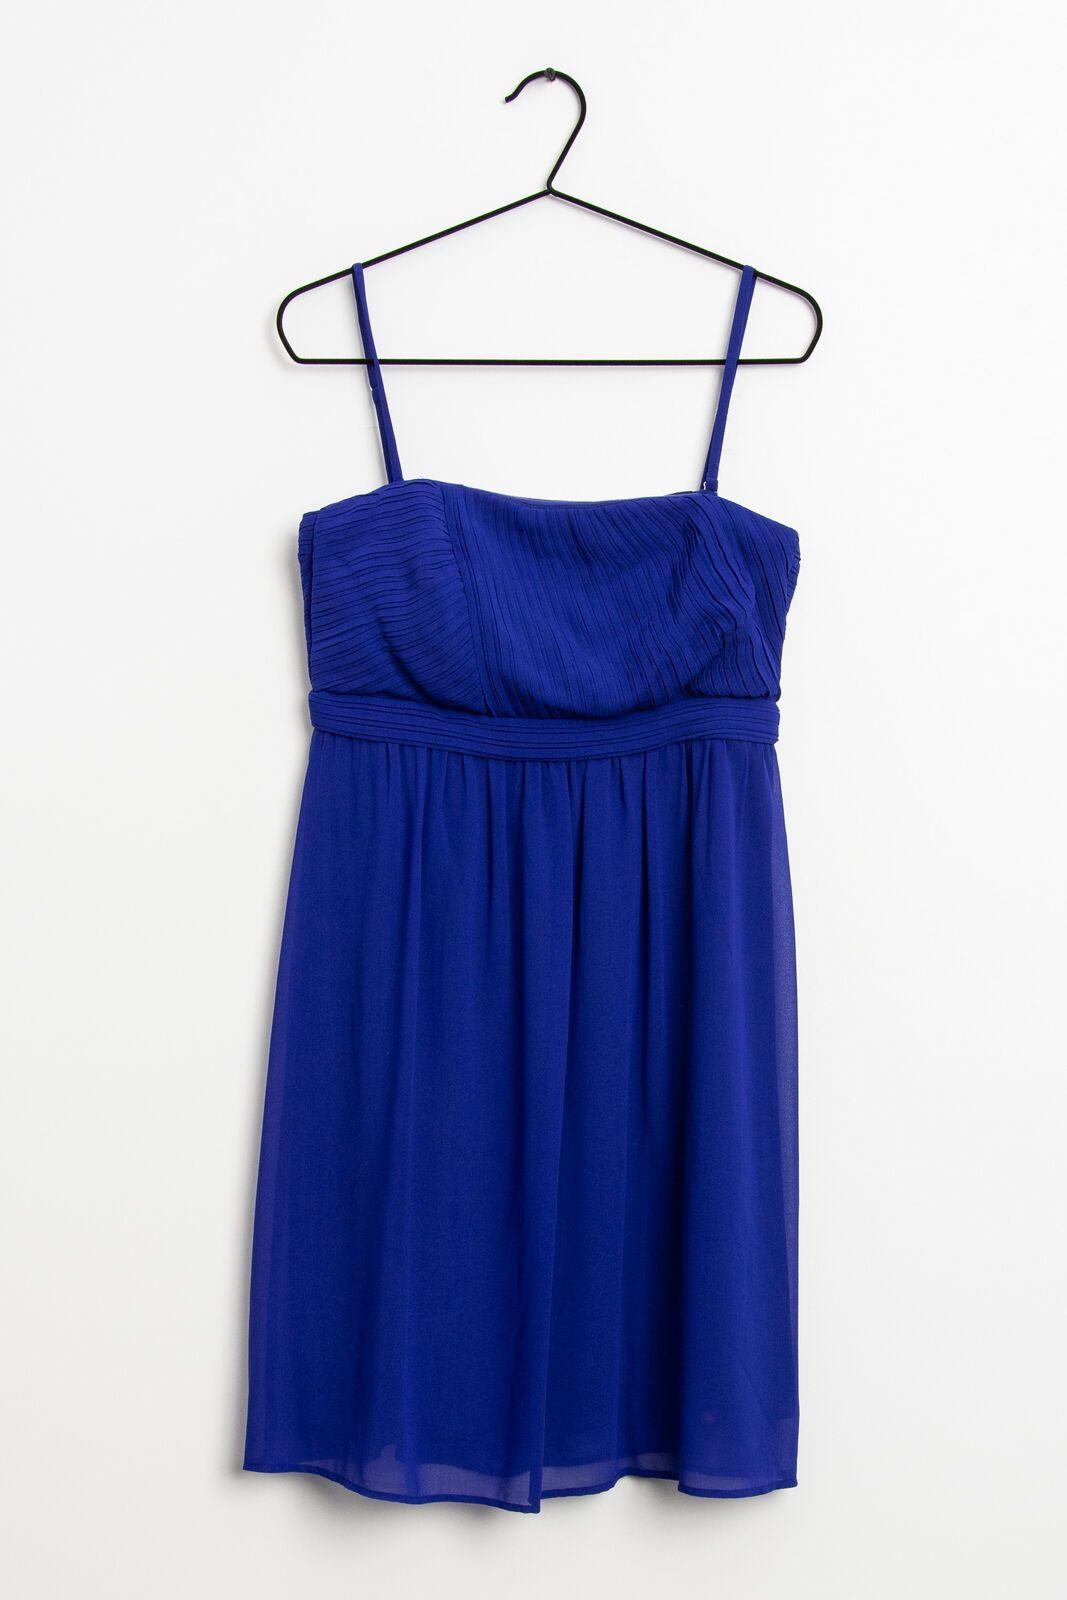 Esprit Kleid Blau Gr.10 - Blaue Kleid - Ideen von Blaue Kleid